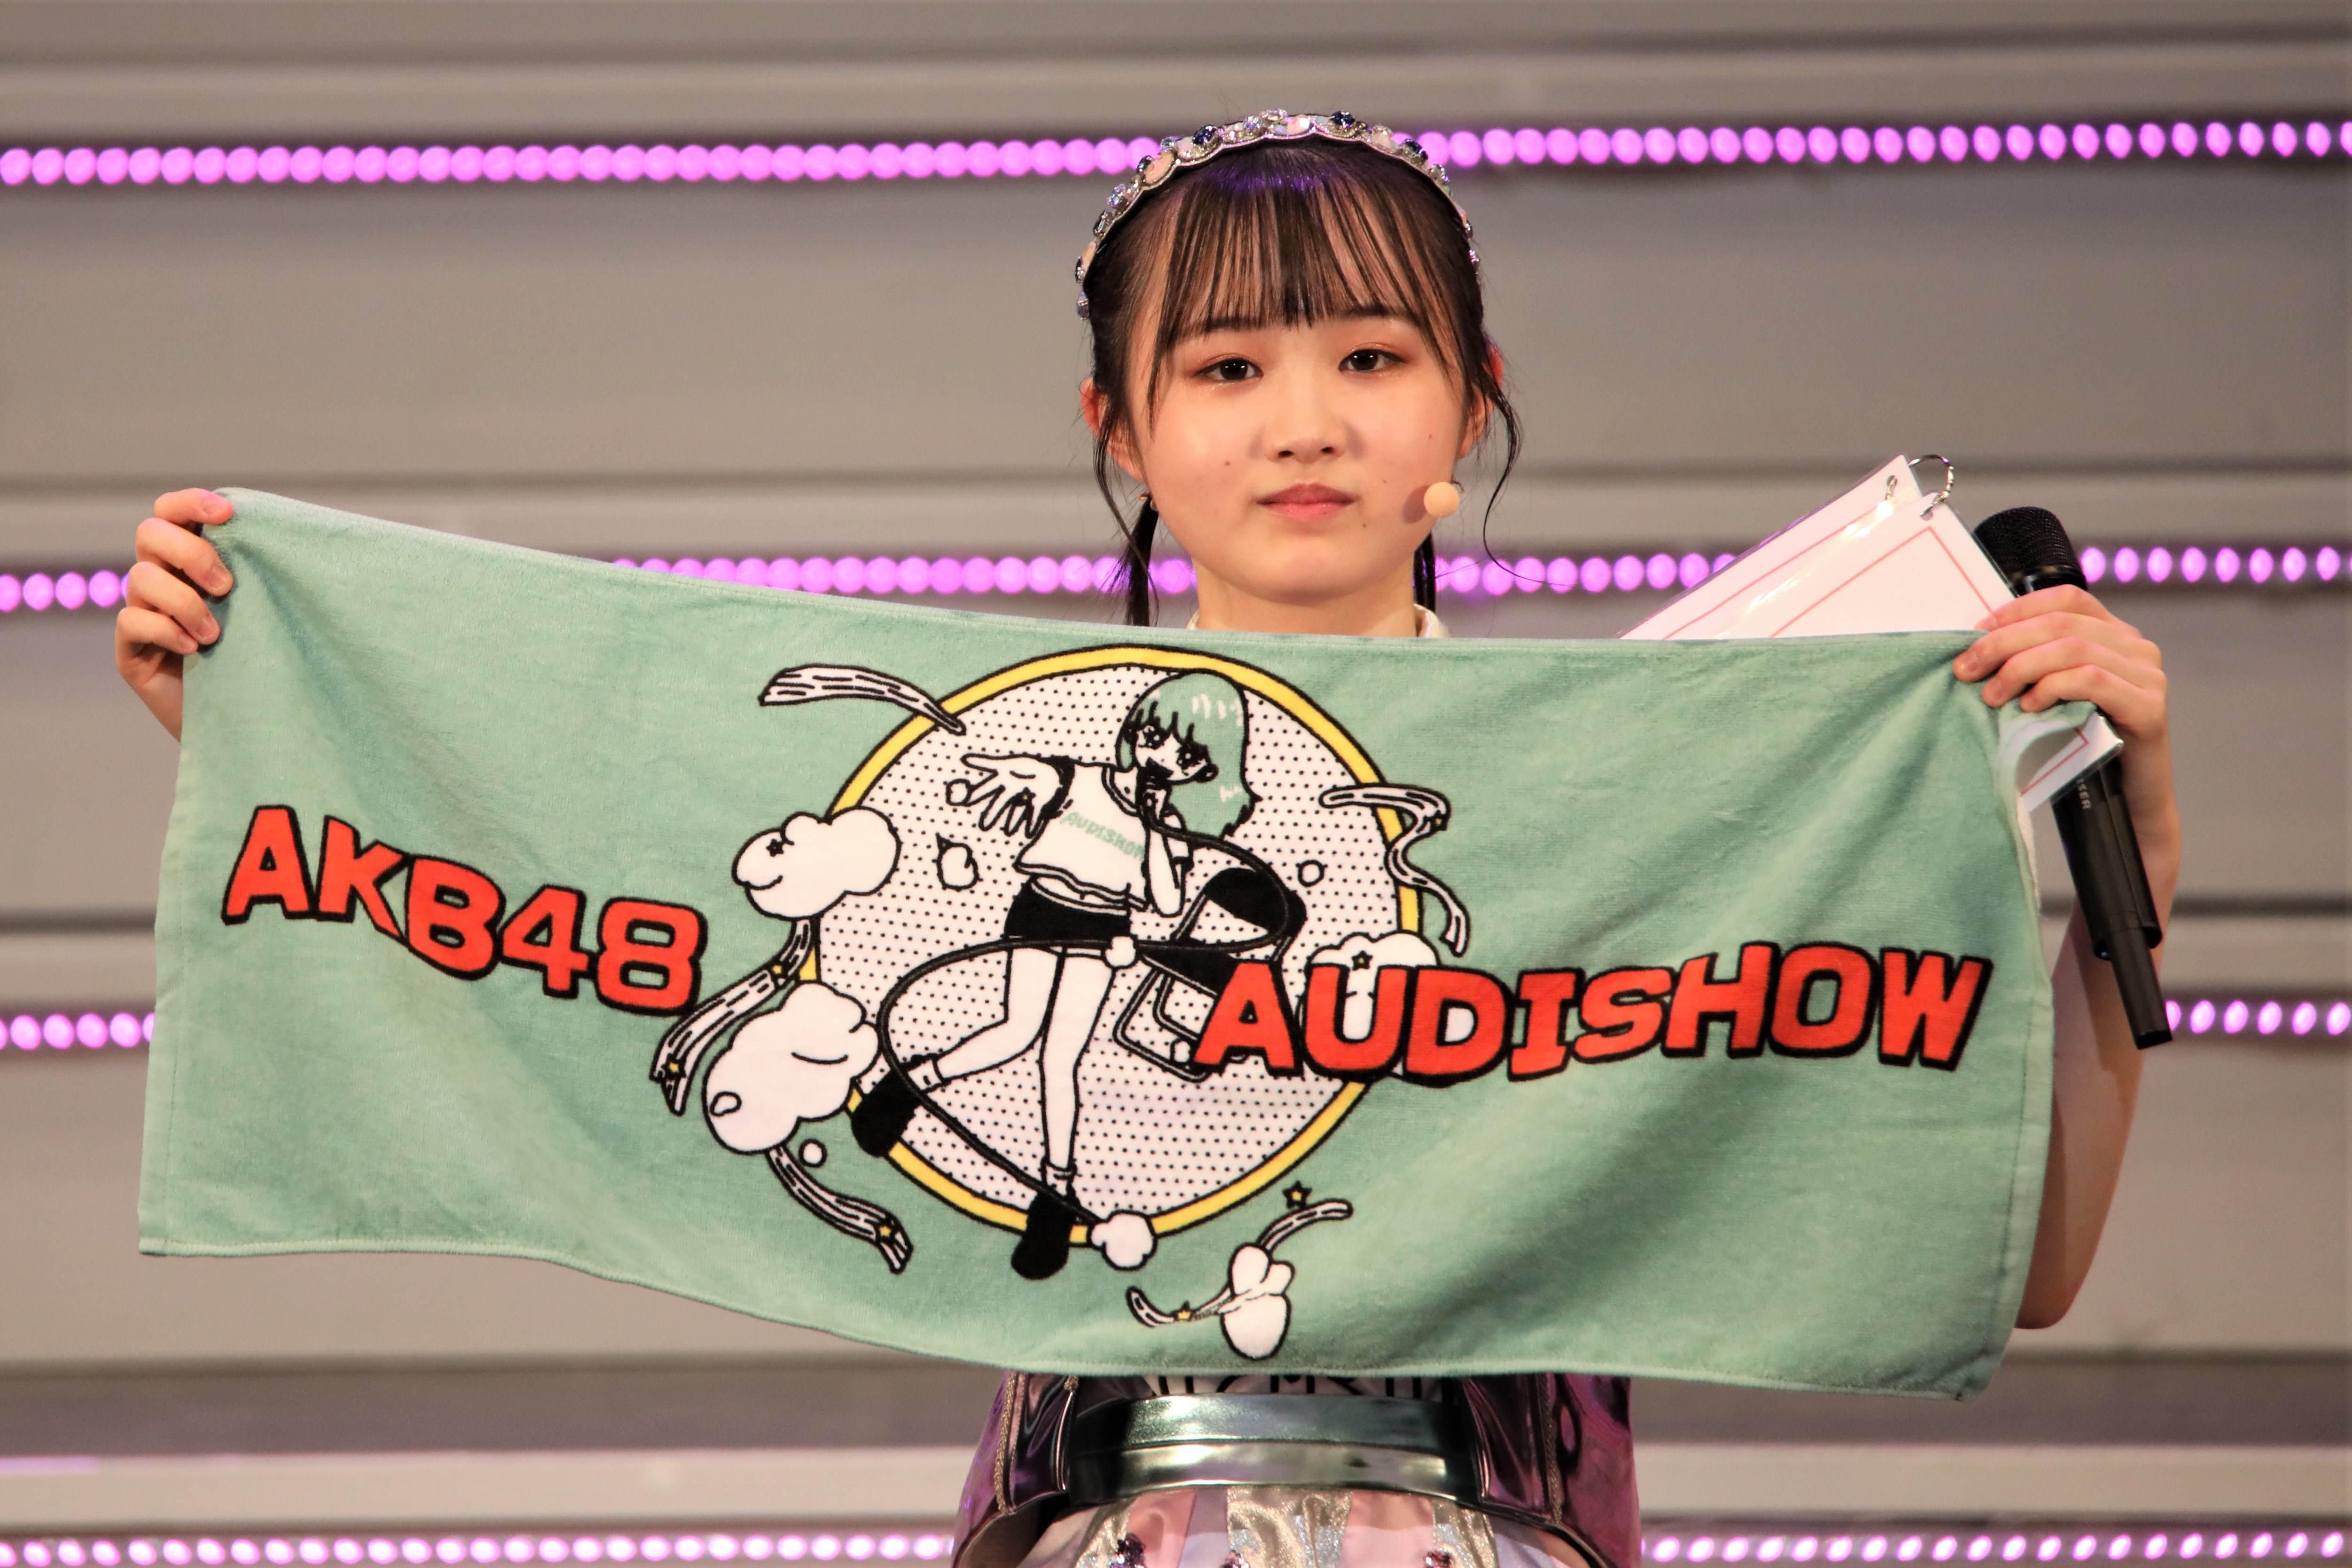 今回のコンサートを記念したグッズを紹介する齋藤陽菜  ©AKB48 THE AUDISHOW製作委員会  無断アップロード及び転送は一切禁止です。